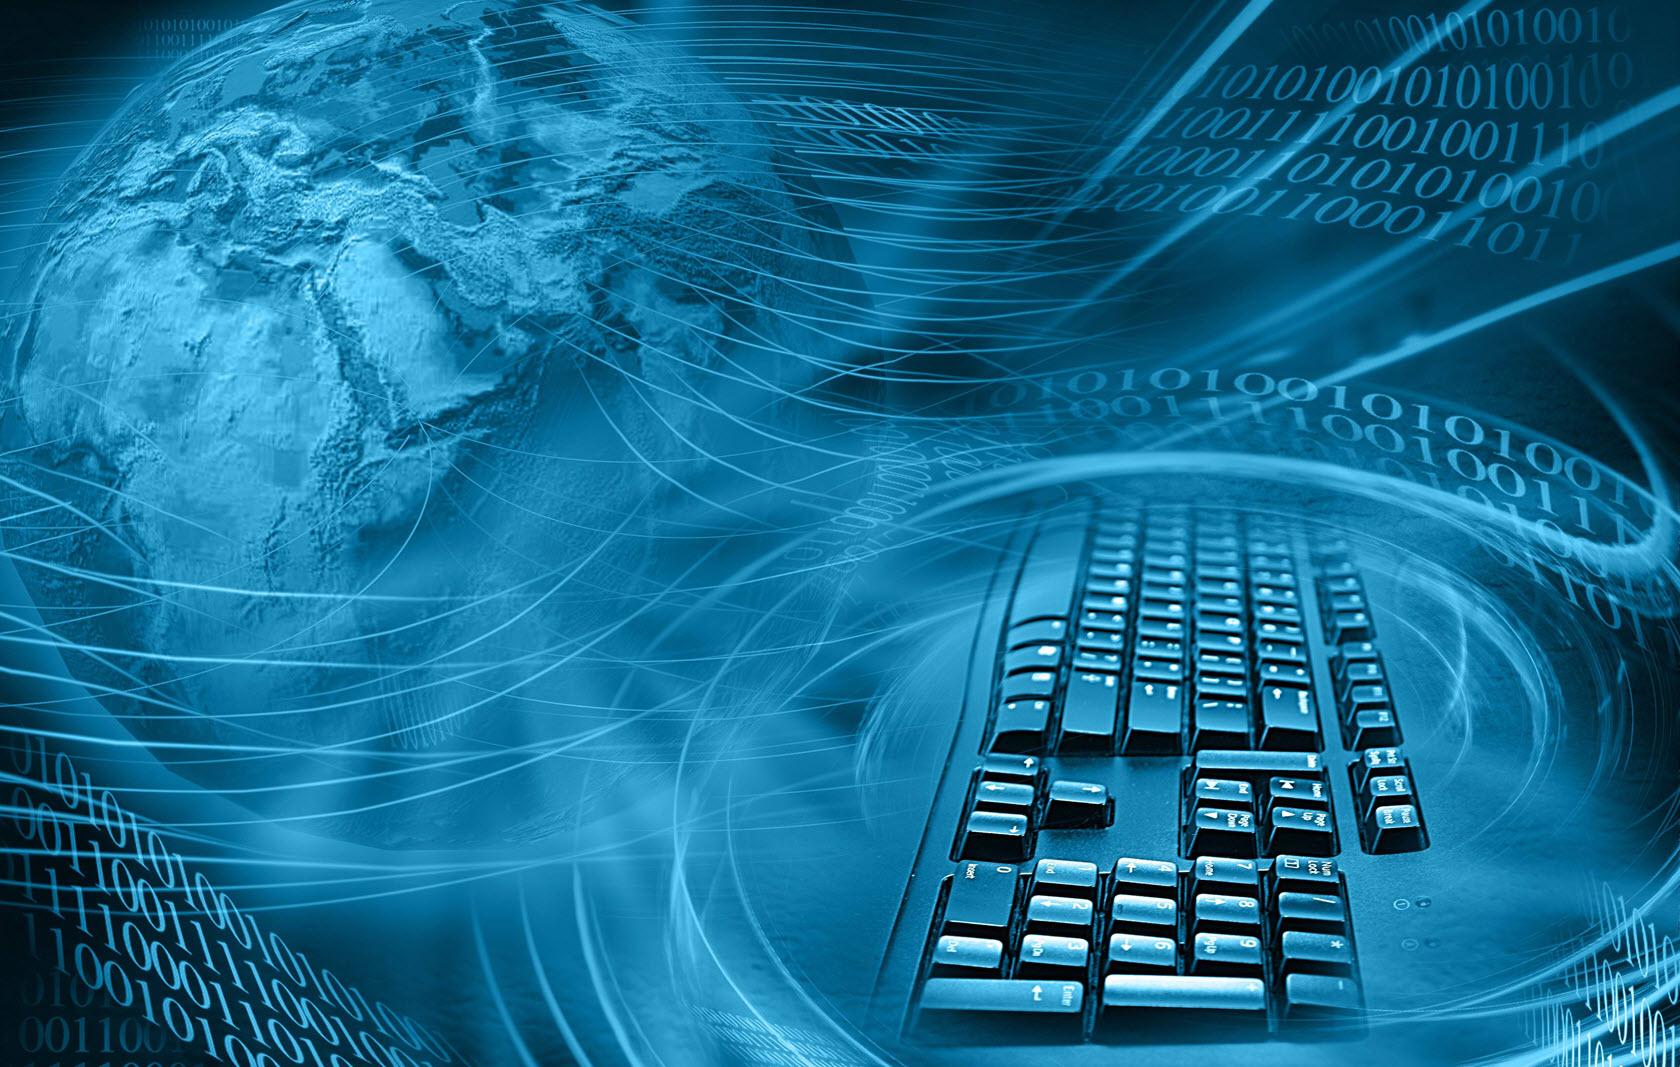 Системная интеграция - разработка комплексных решений по автоматизации технологических и бизнес-процессов предприятия